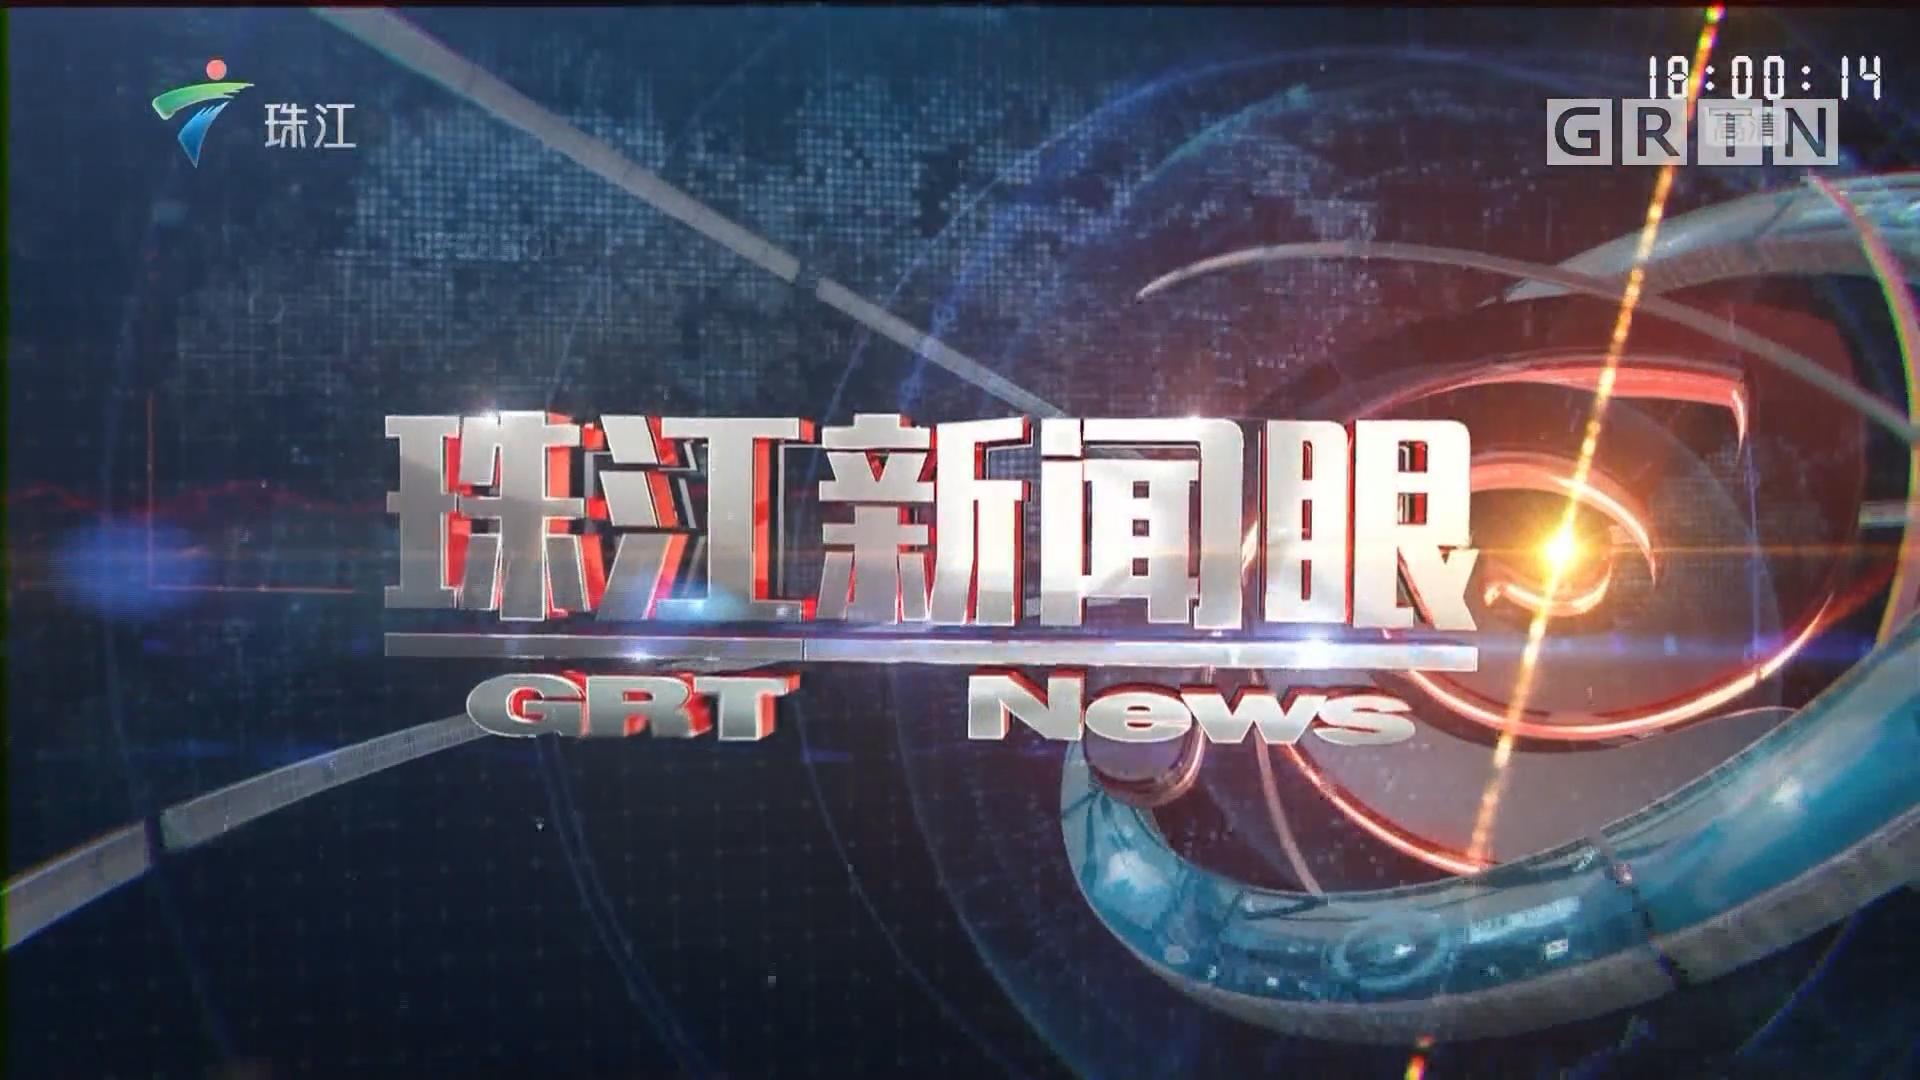 [HD][2018-12-21]珠江新闻眼:交通部:现存一、二级收费公路将逐步停止收费